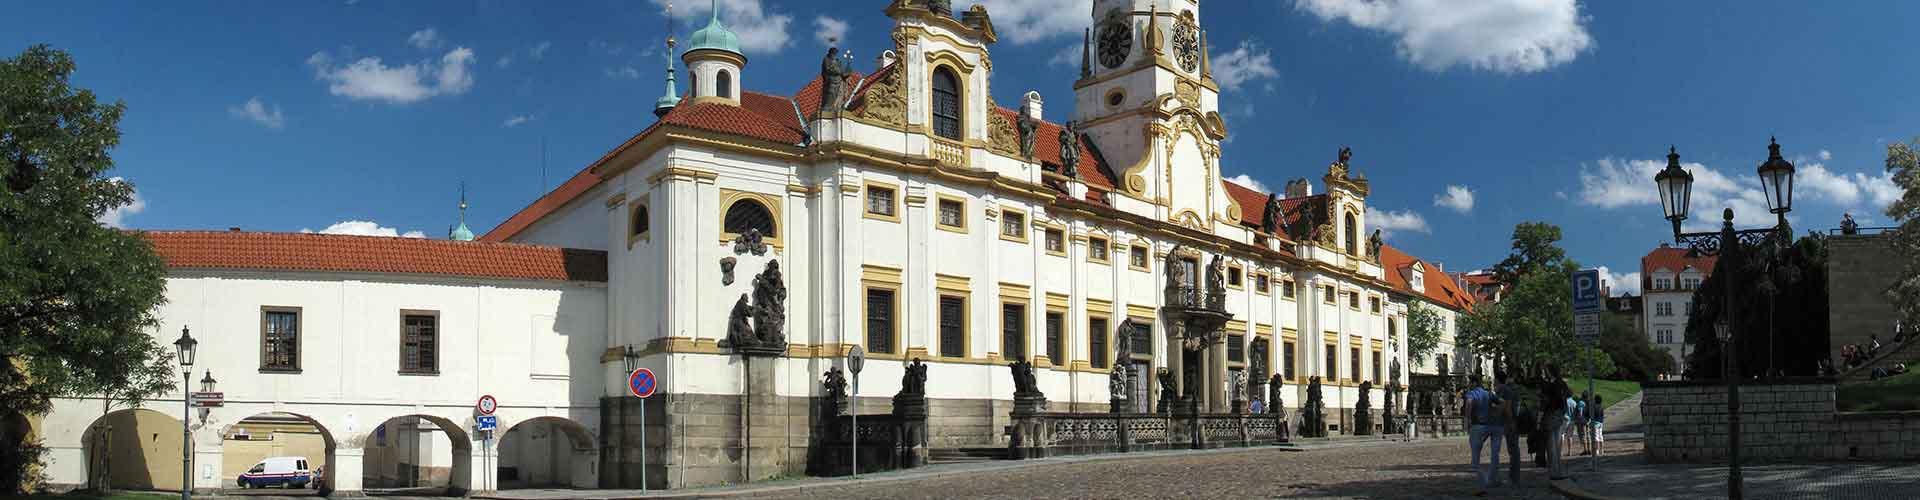 Praga - Hoteles baratos cerca a Loreta. Mapas de Praga, Fotos y comentarios de cada Hotel en Praga.